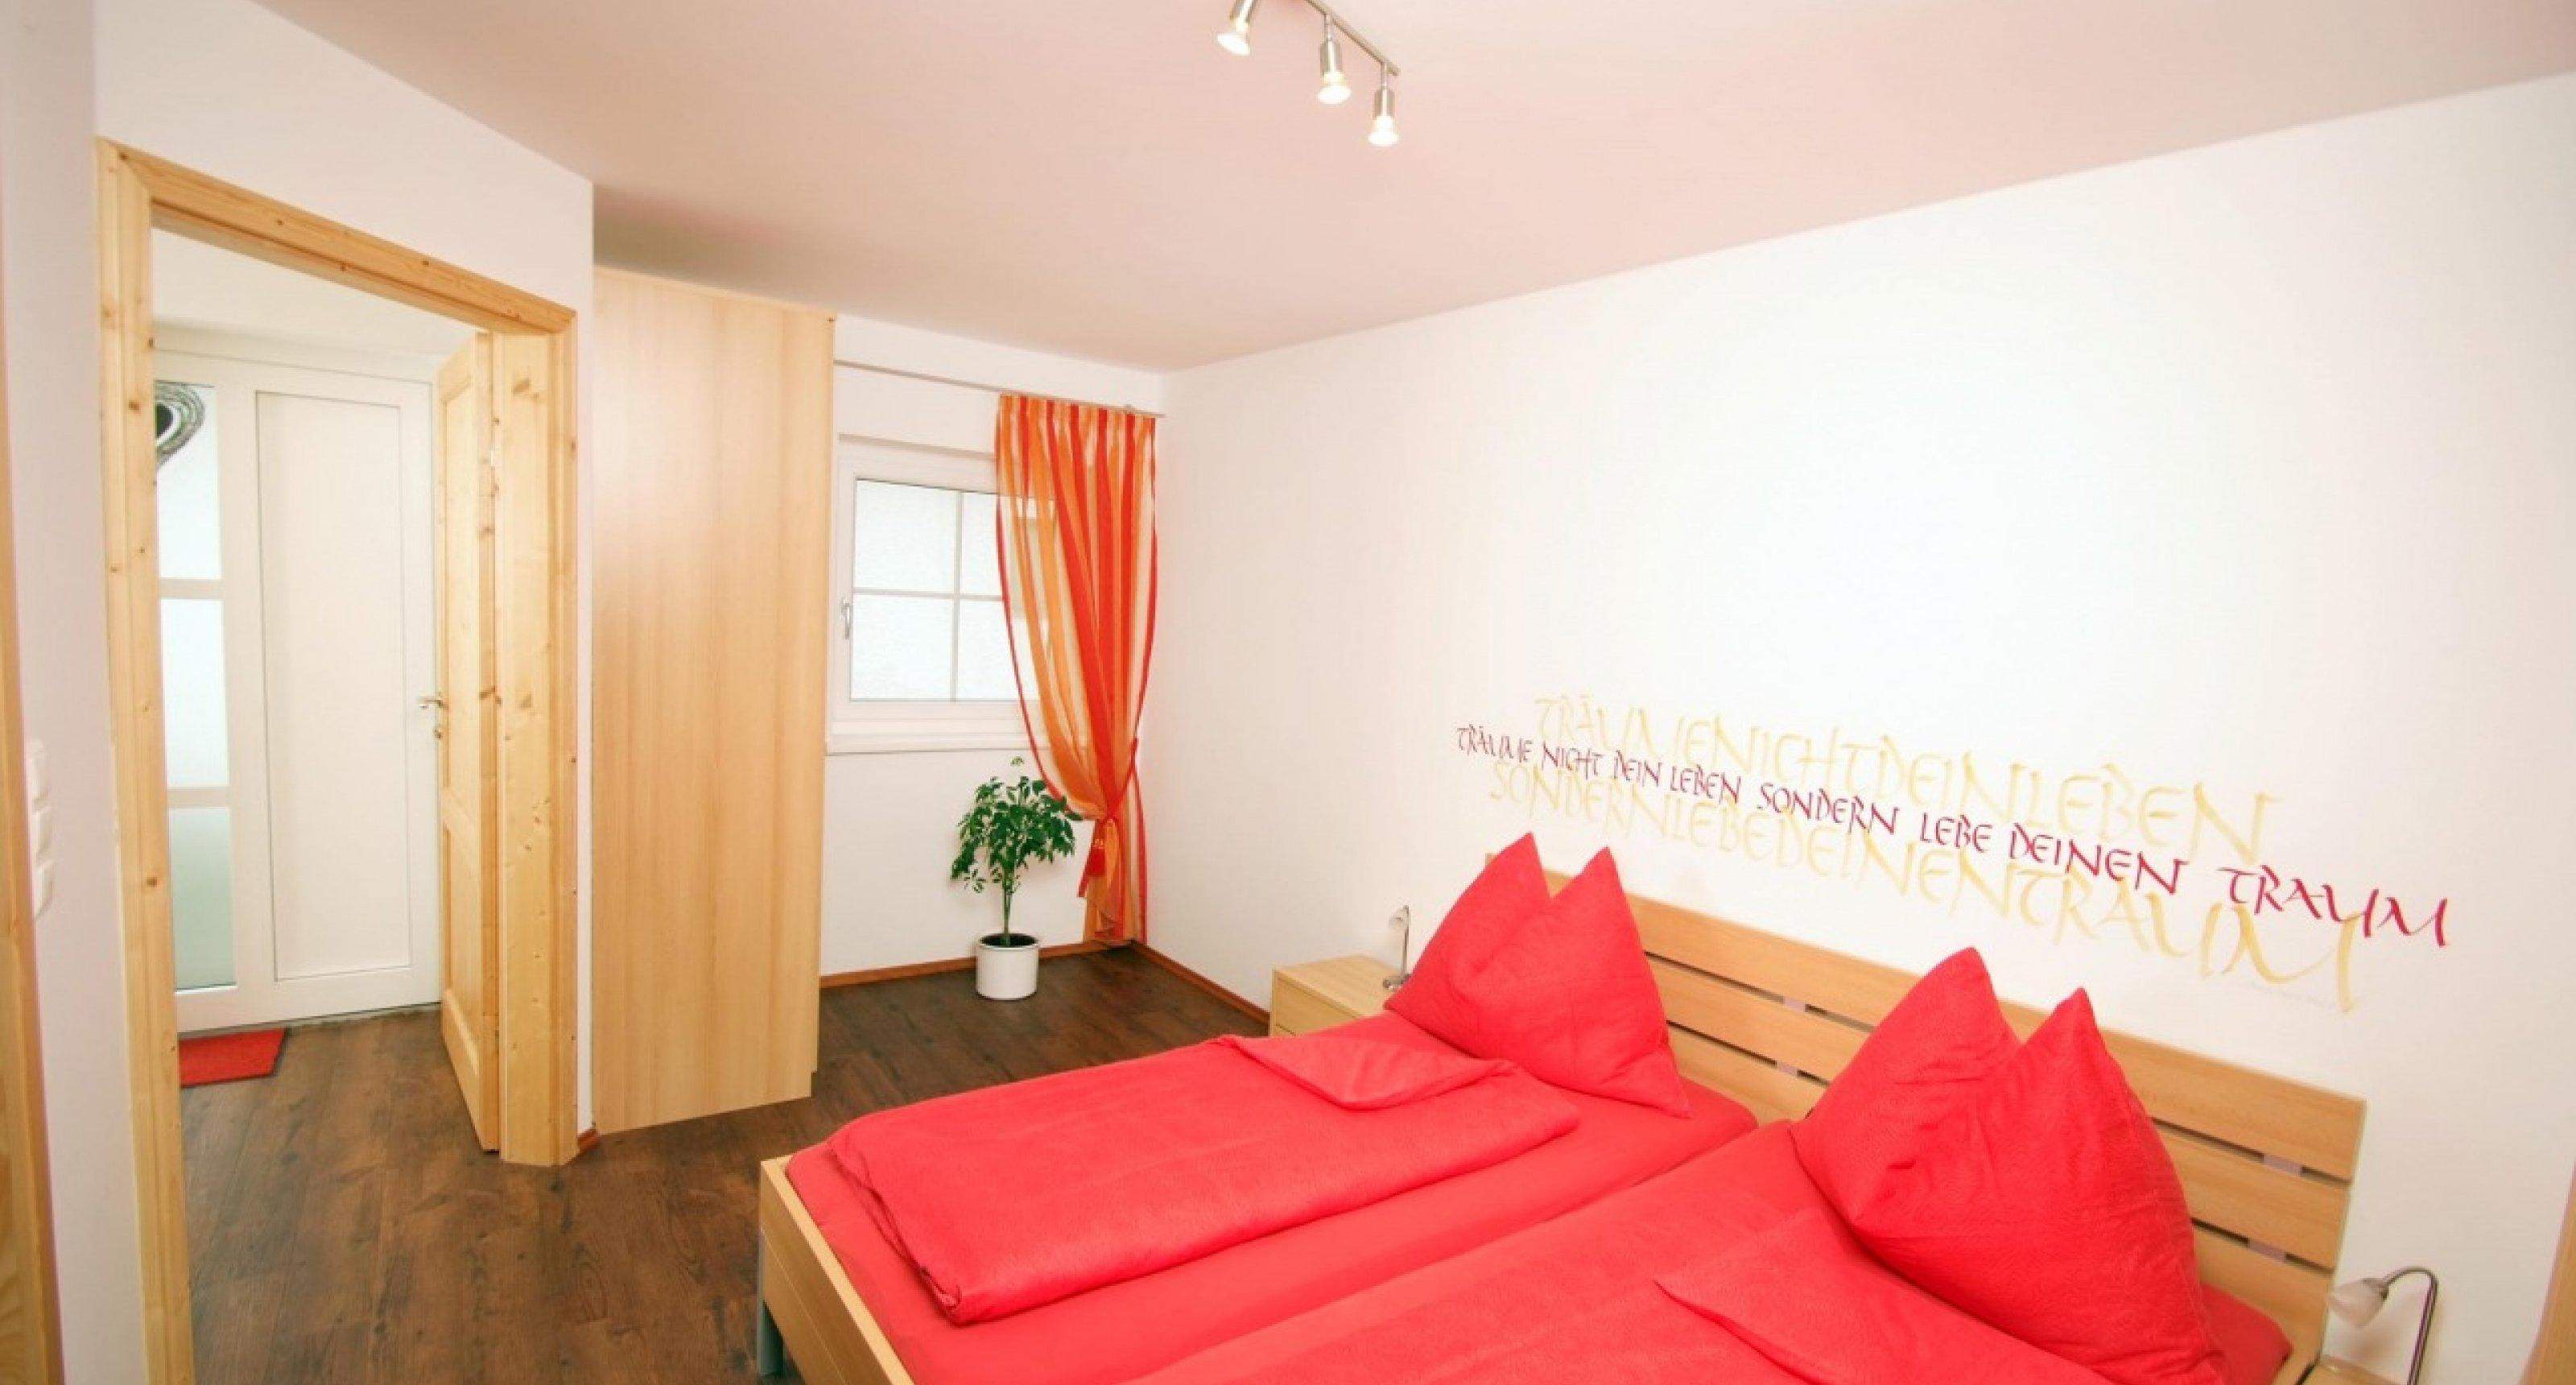 Ferienwohnung Fuchsenloch - Schlafzimmer 3